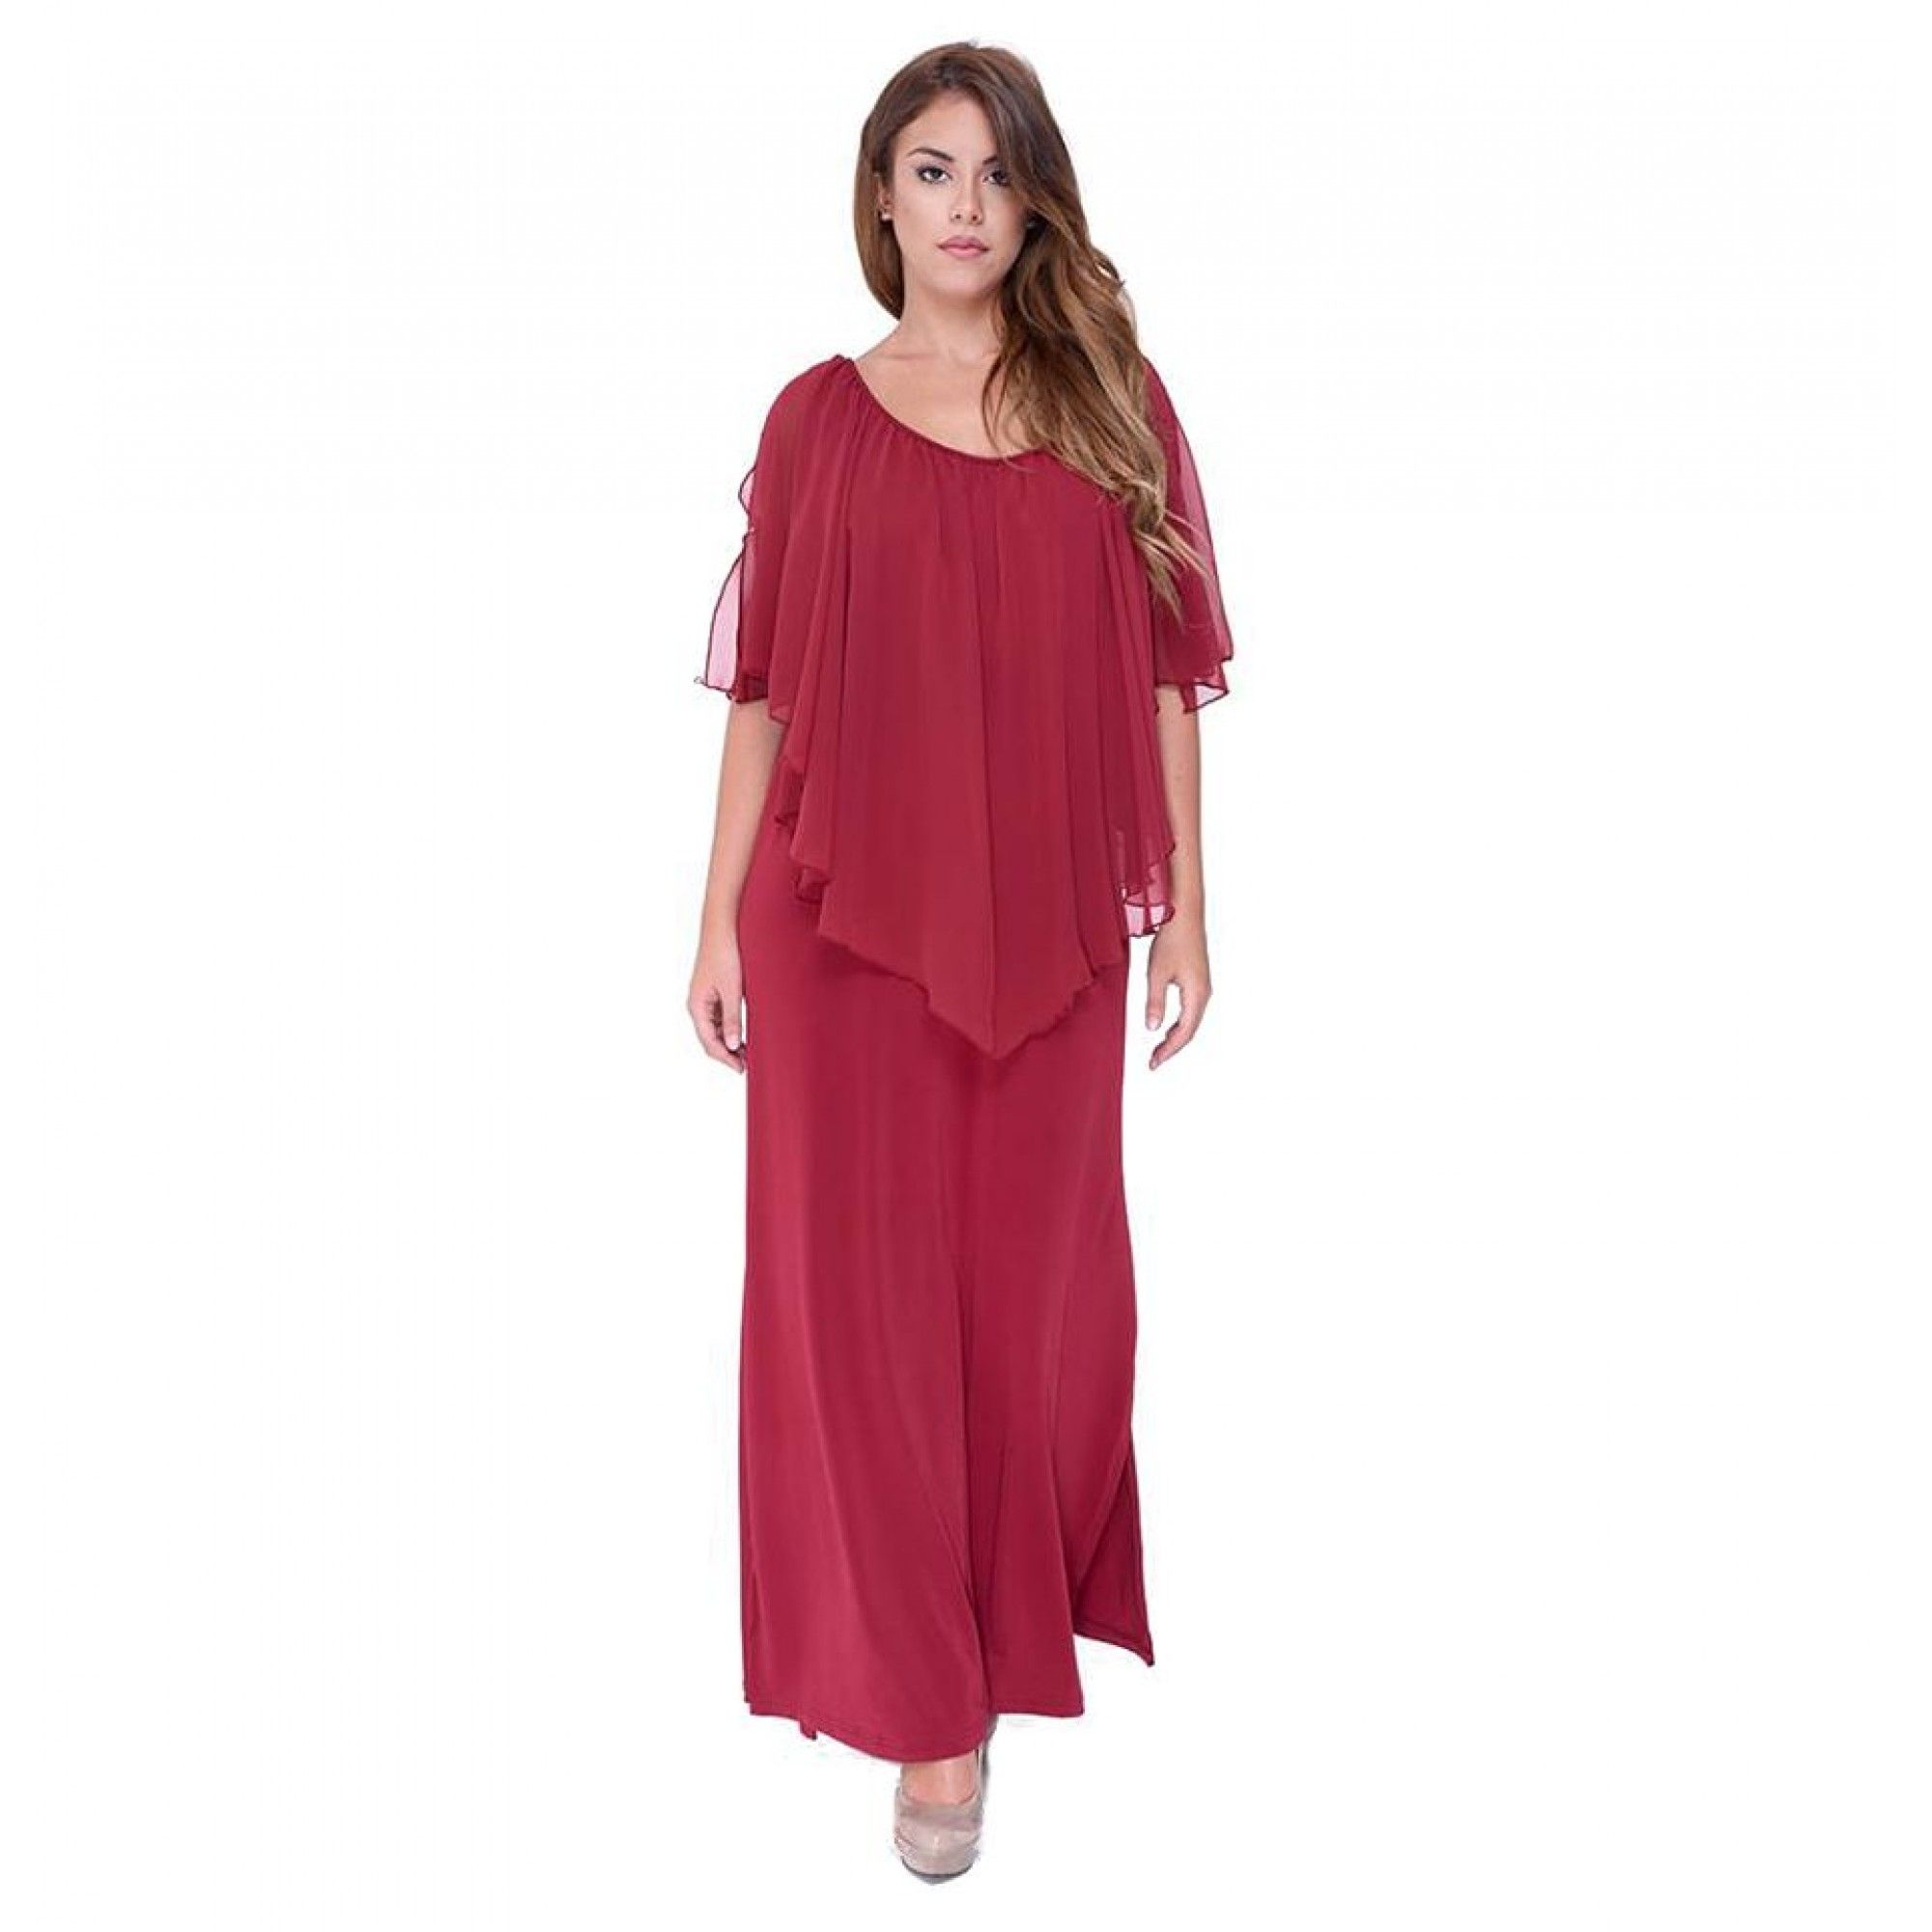 30912599303d Φόρεμα μακρύ maxi από S. Jersey. Στο πάνω μέρος έχει βολάν από ζορζέτα η  όποια καλύπτει απαλά τους ωμους καθως φτάνει μέχρι τη μέση του φορέματος.